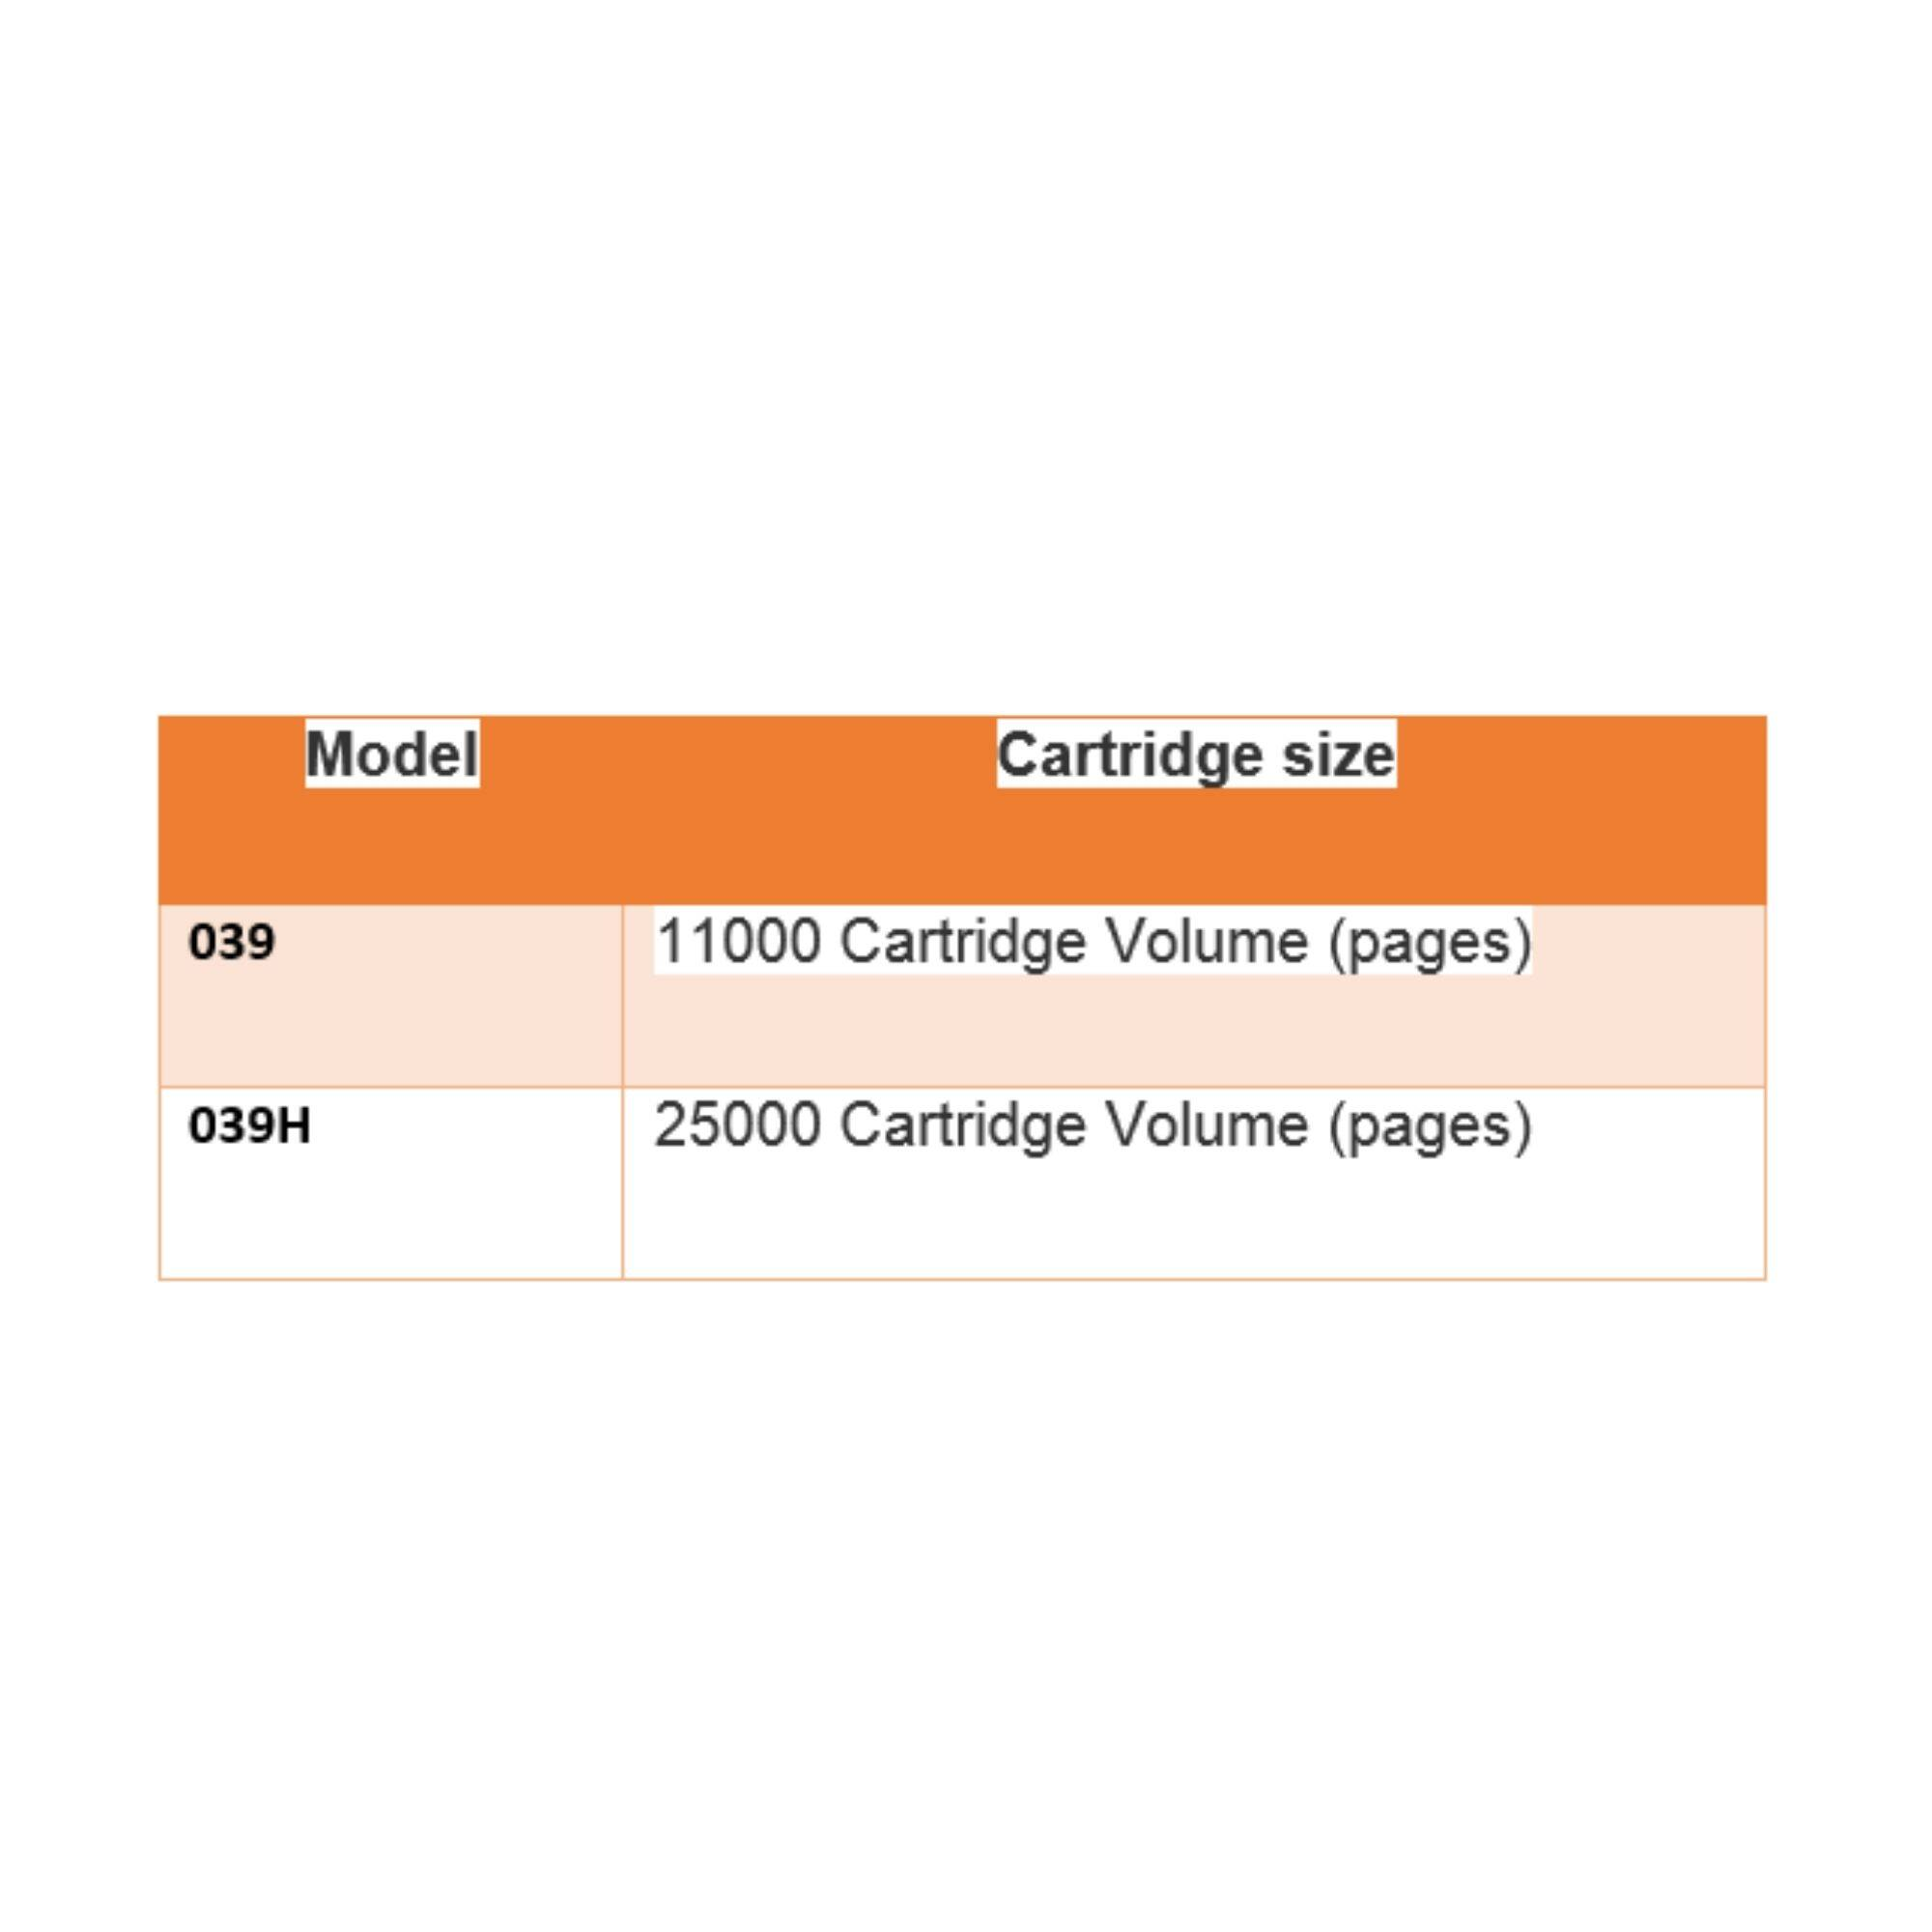 CANON CART 039H TONER for LBP-351x/ LBP352x PRINTER